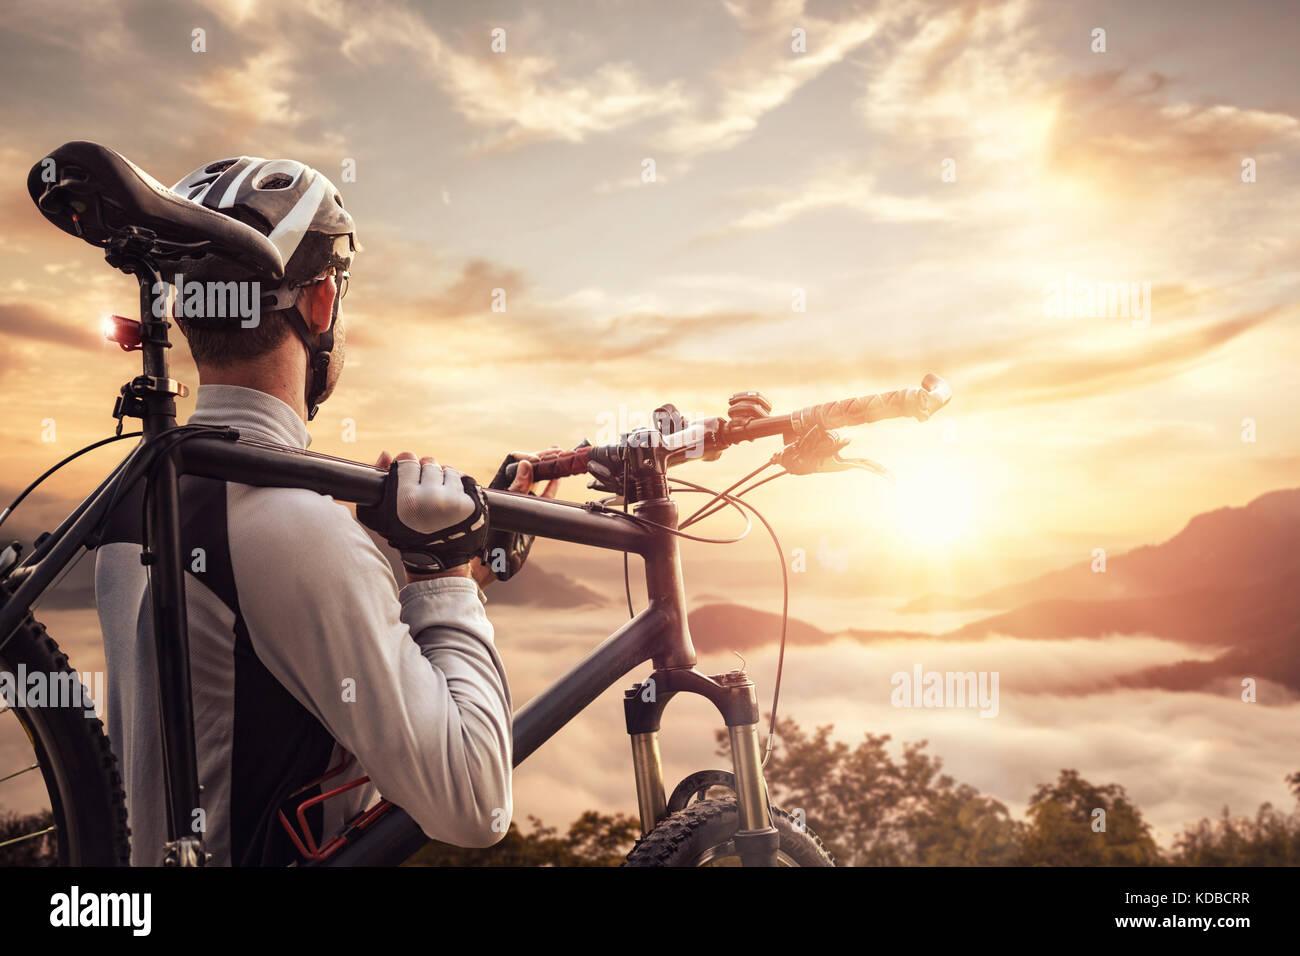 Ciclista de montaña con vistas a un valle al atardecer Imagen De Stock